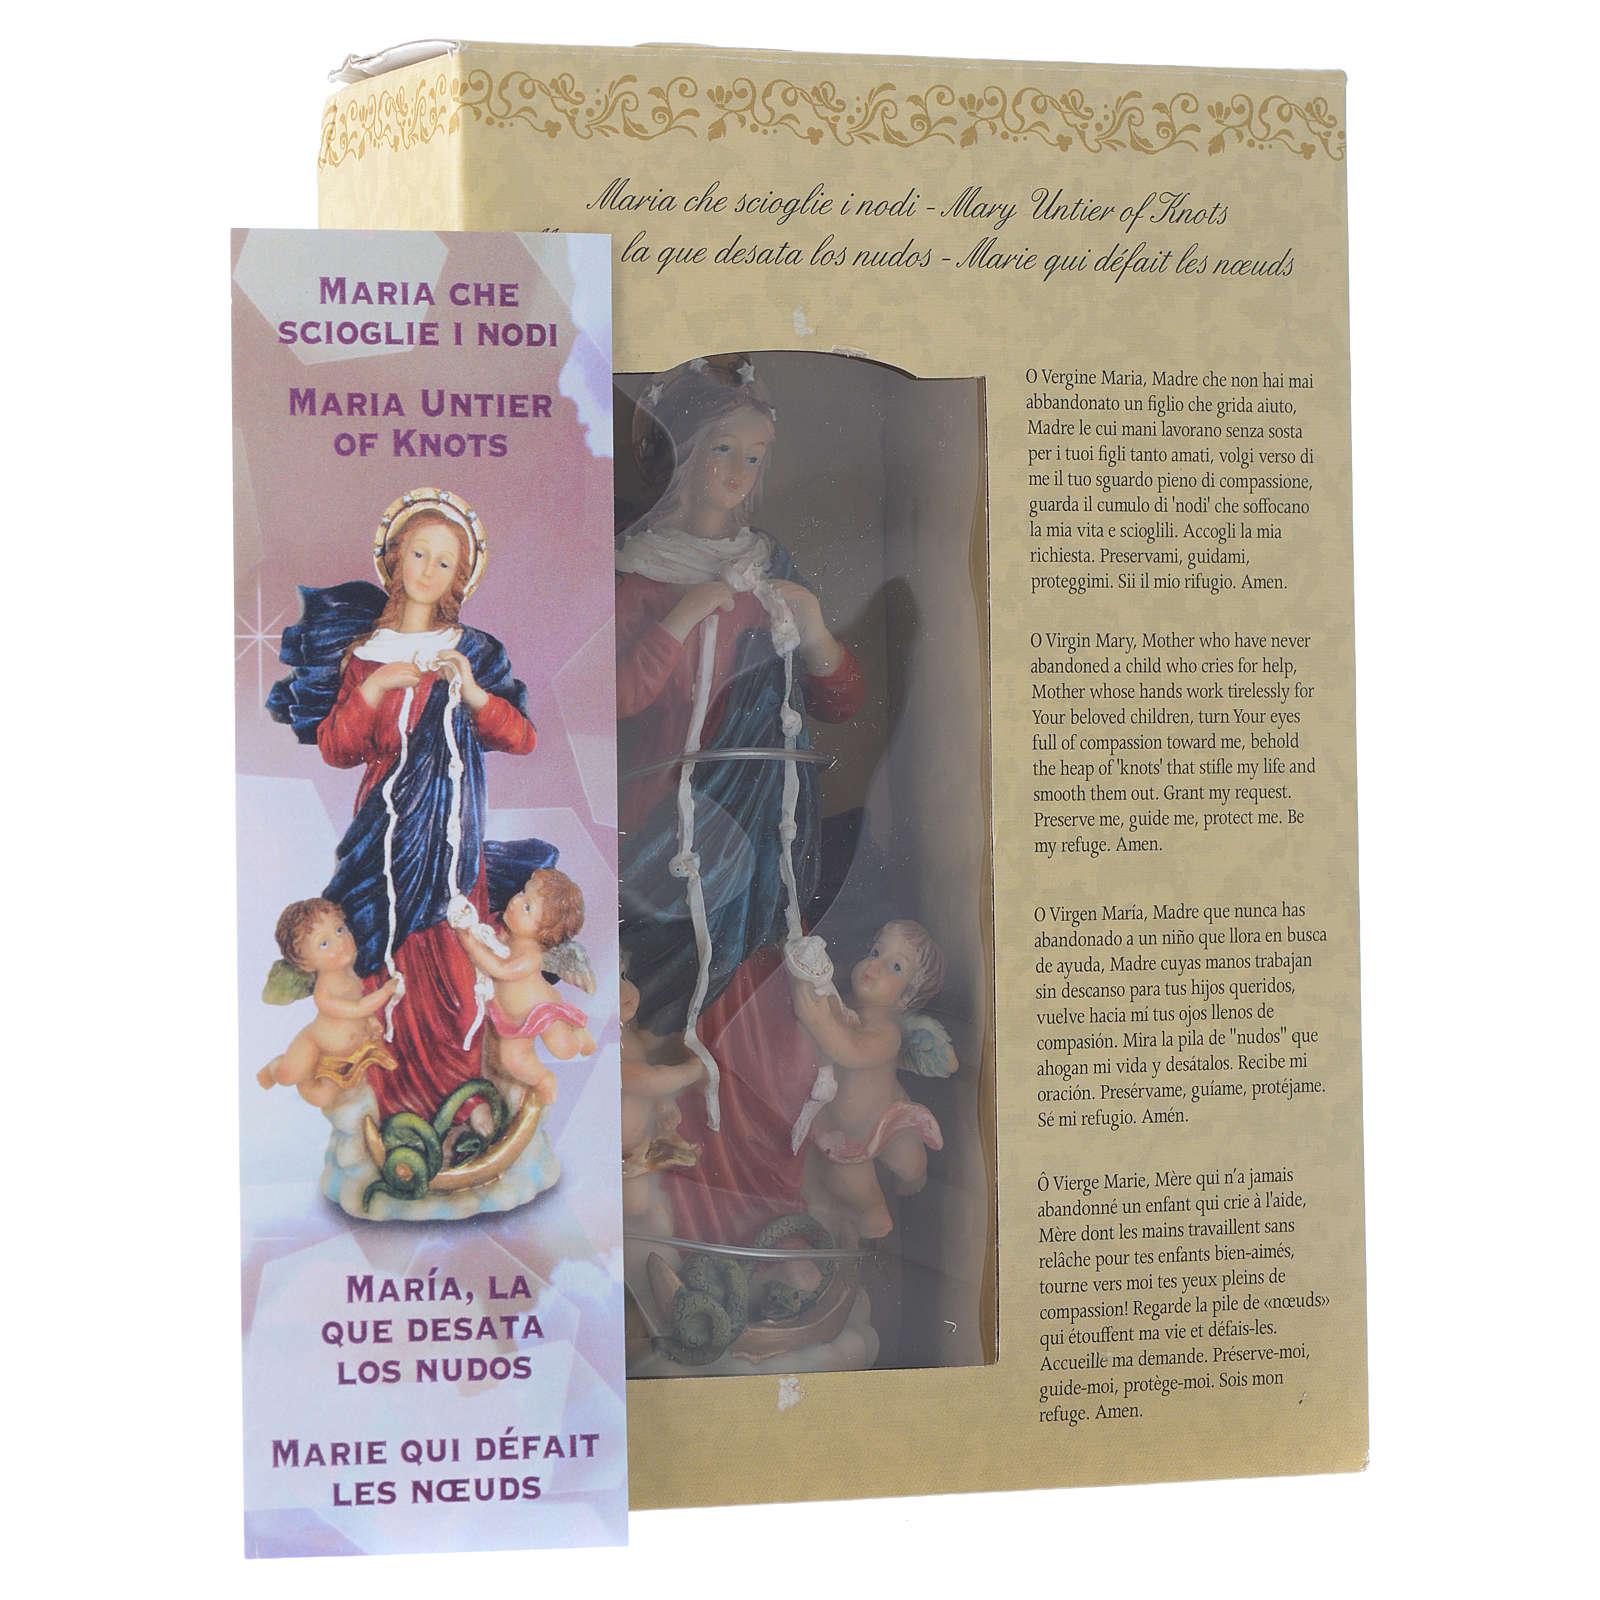 Maria Scoglie i Nodi 12 cm pvc confezione PREGHIERA MULTILINGUE 4